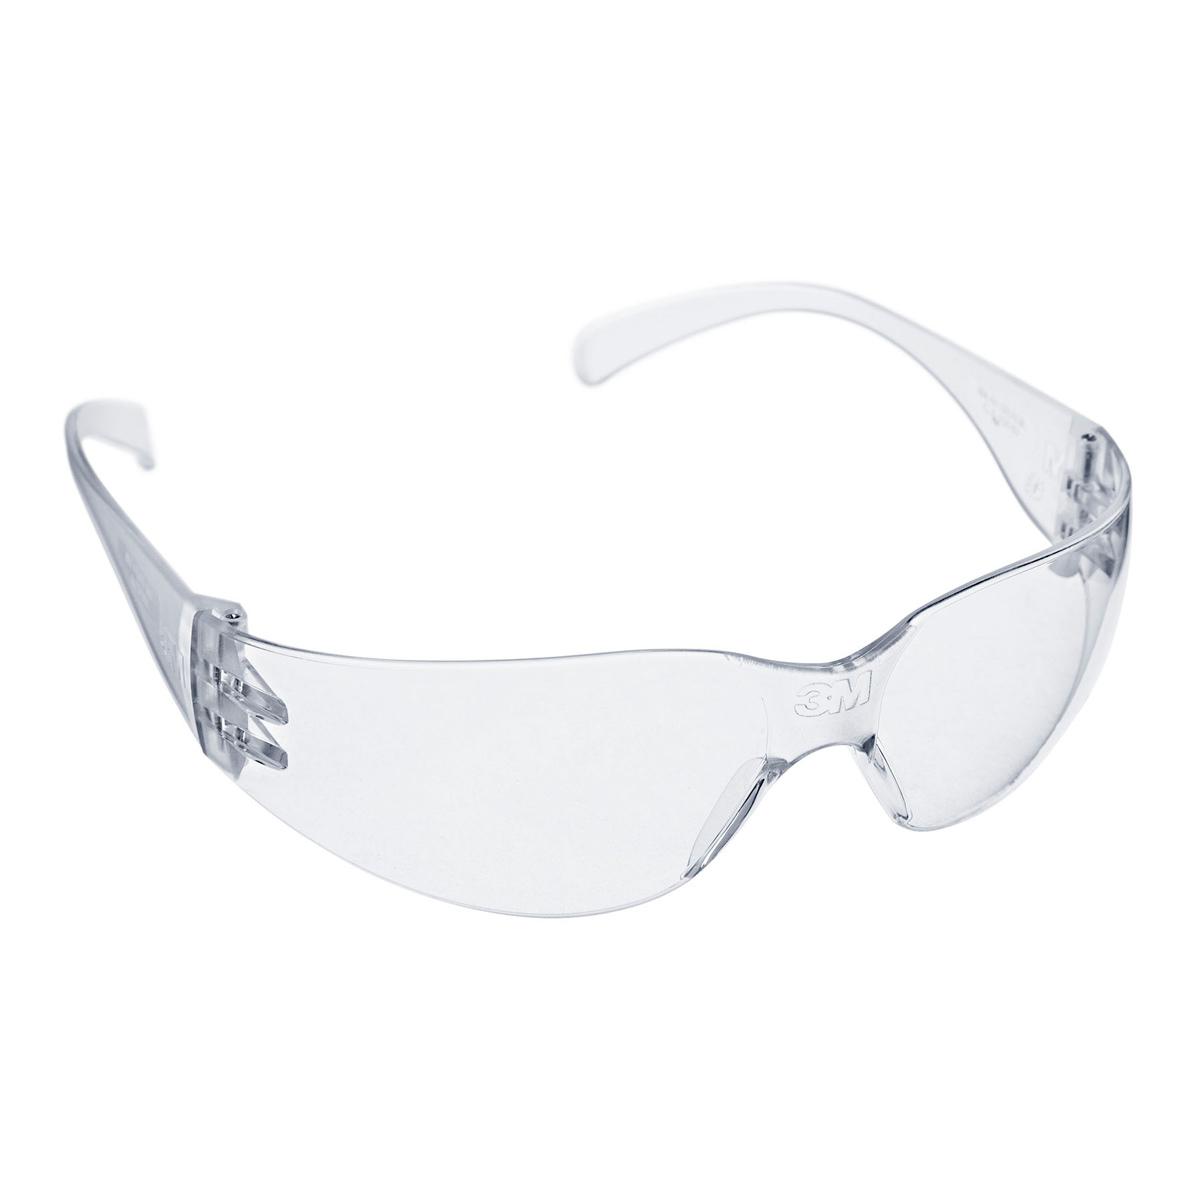 Óculos de Proteção Vírtua Incolor 3M 0005f3b805